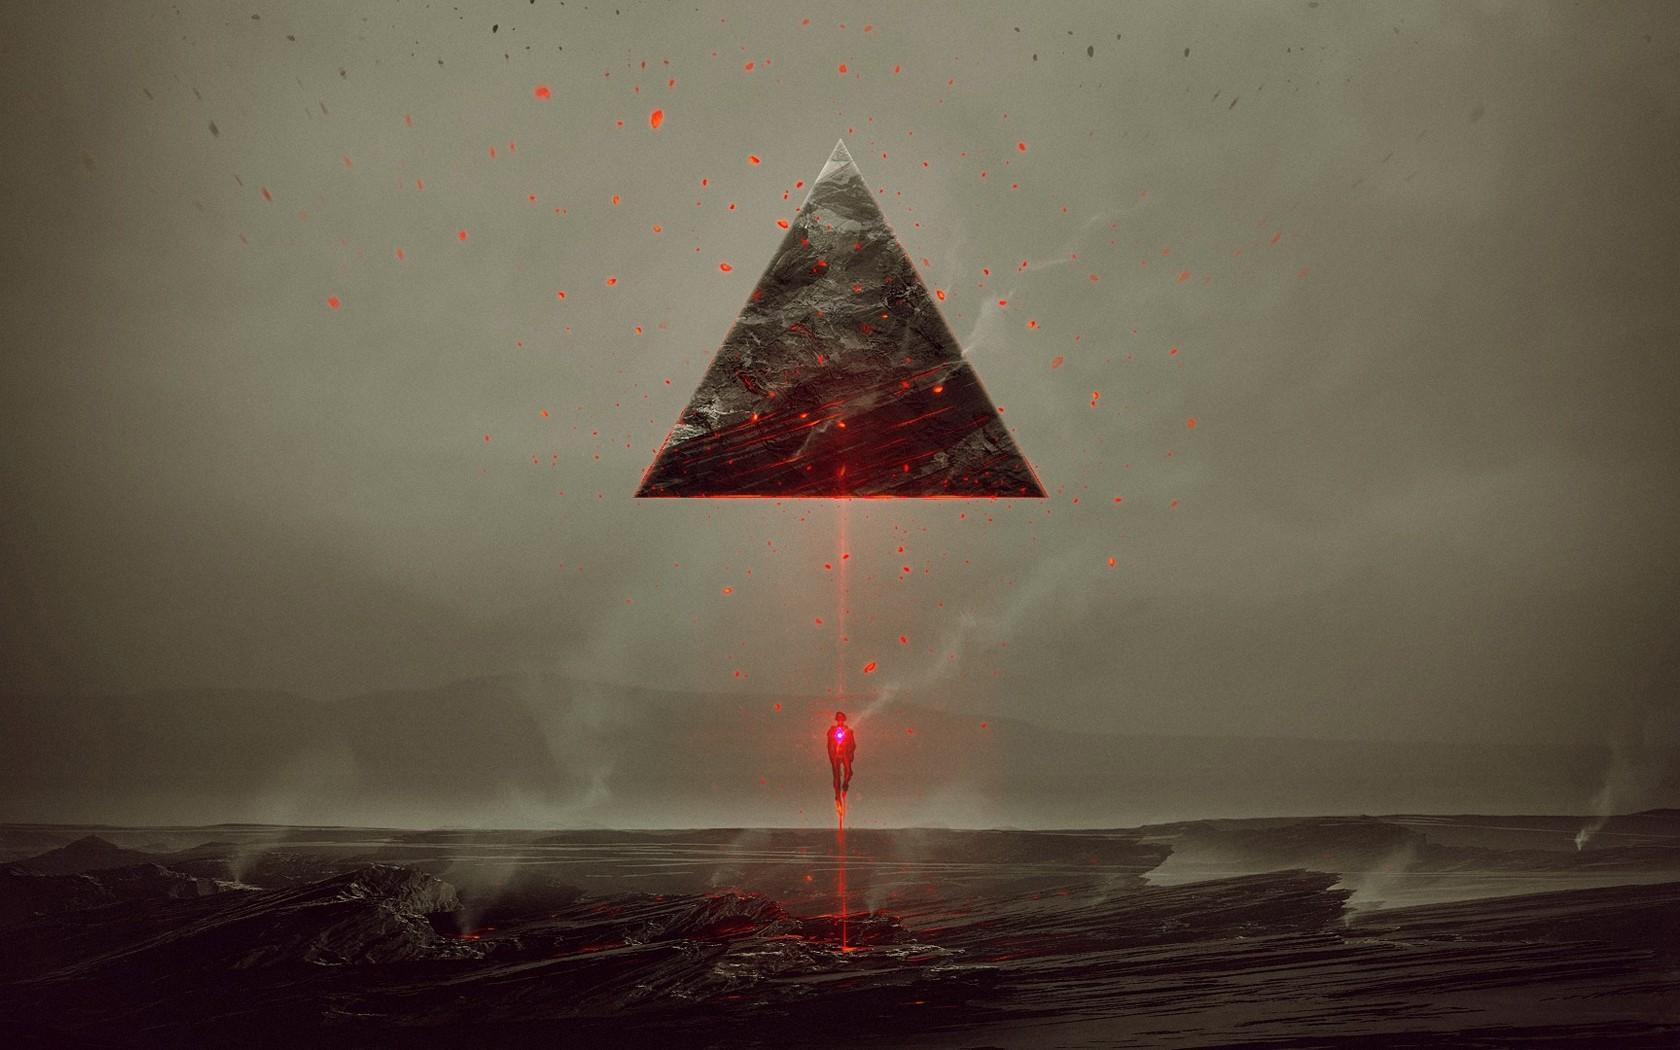 ими картинка черная пирамида на телефон большими бедрами